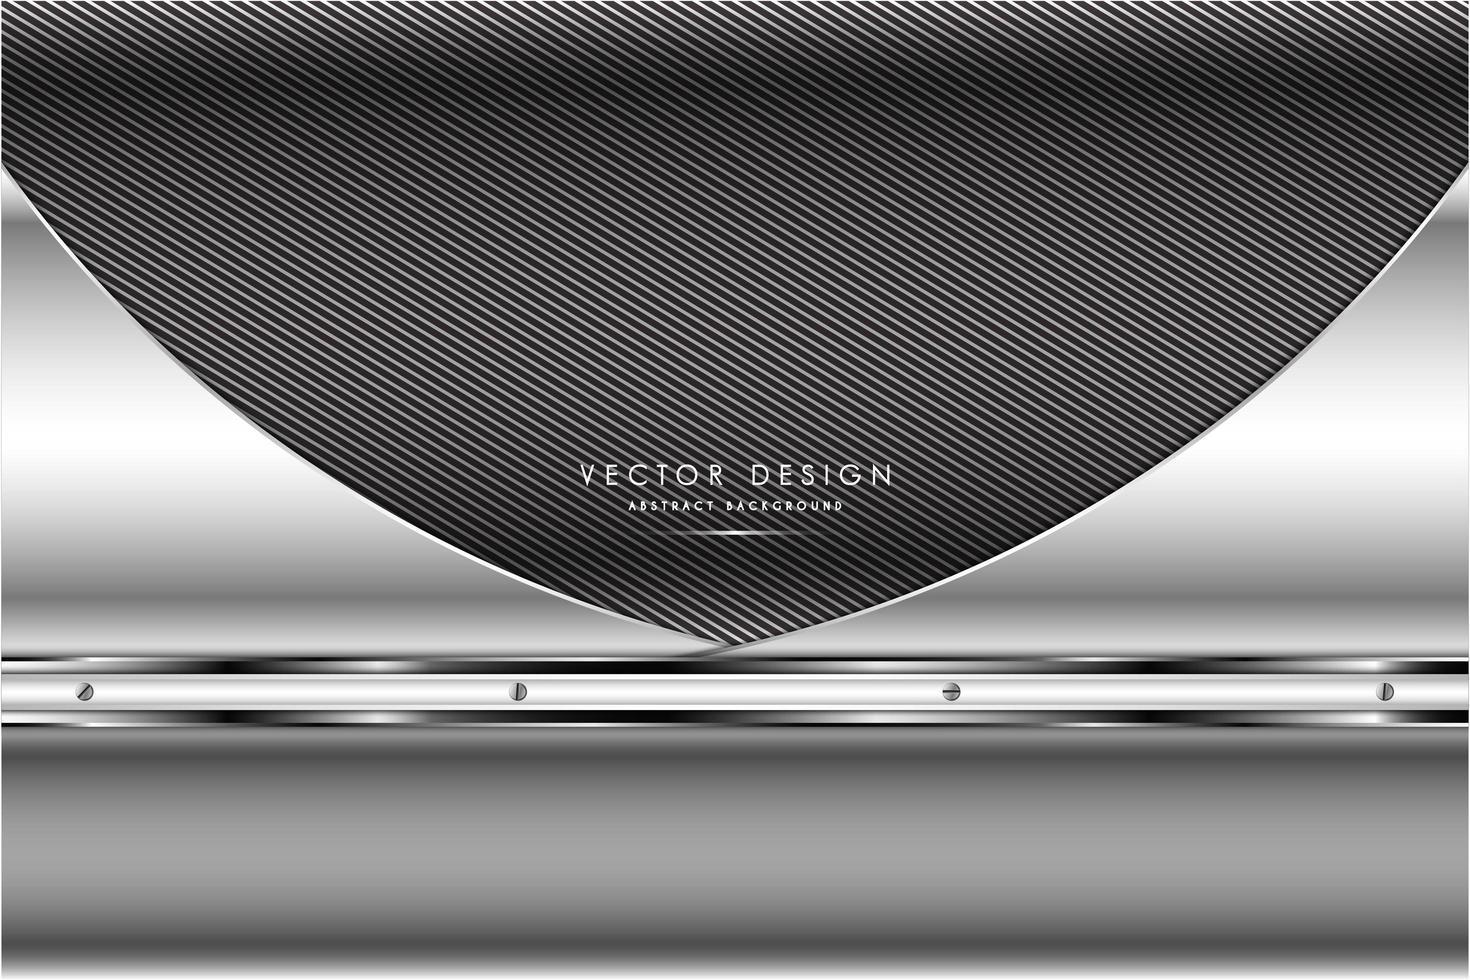 conception en fibre de carbone gris métallique et argent vecteur